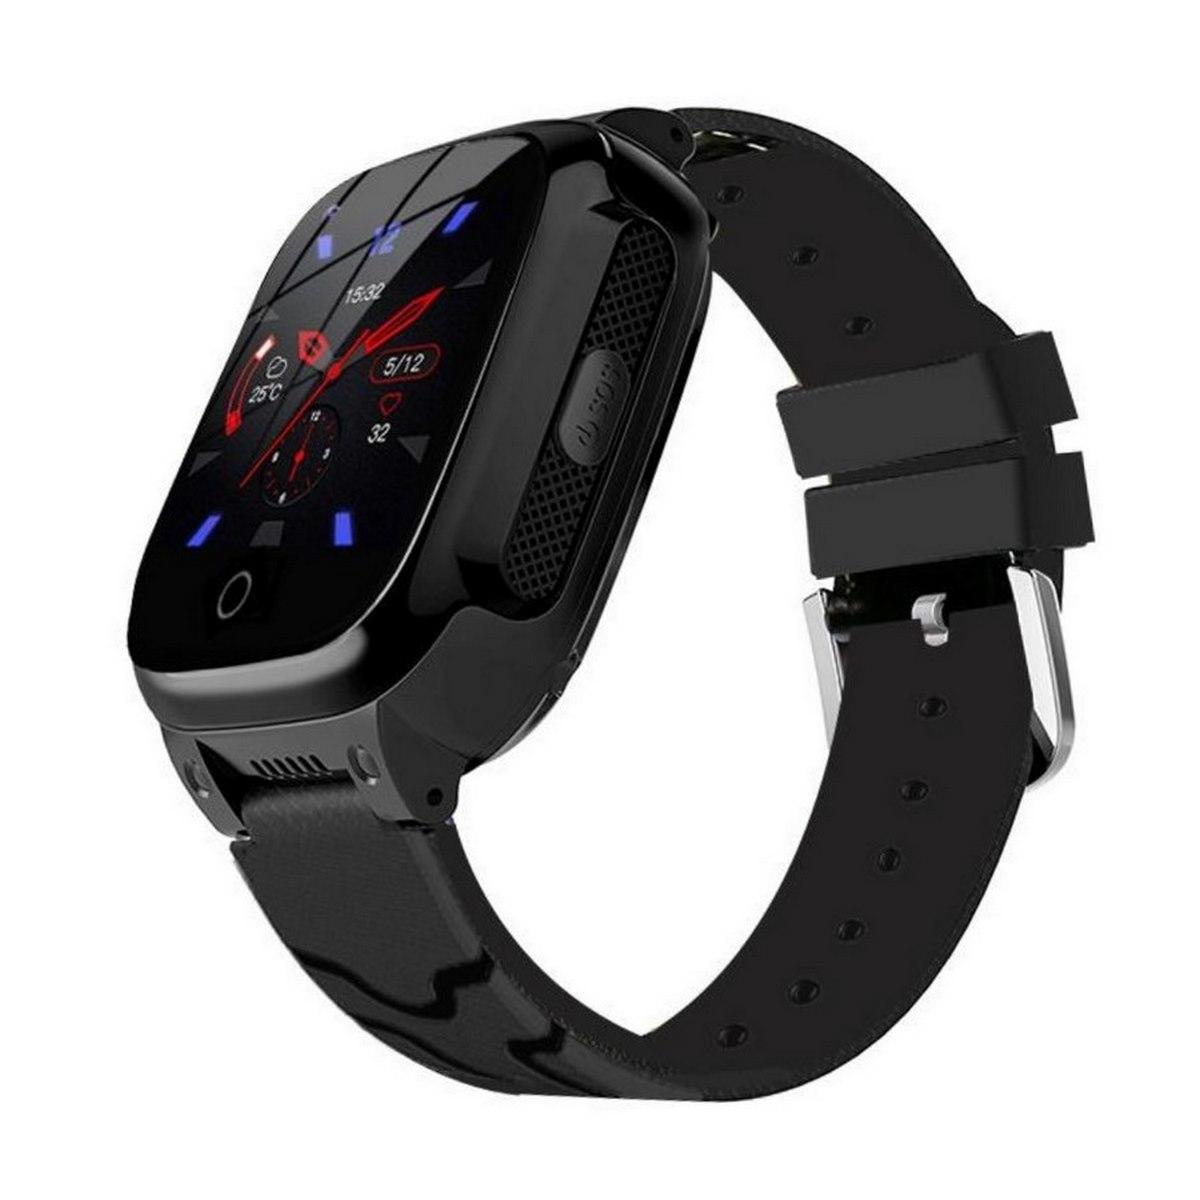 Видеочасы и часы-телефоны с GPS Часы Smart Baby Watch T8W с видео и термометром Smart_Baby_Watch_WB_T8W__1_.jpg